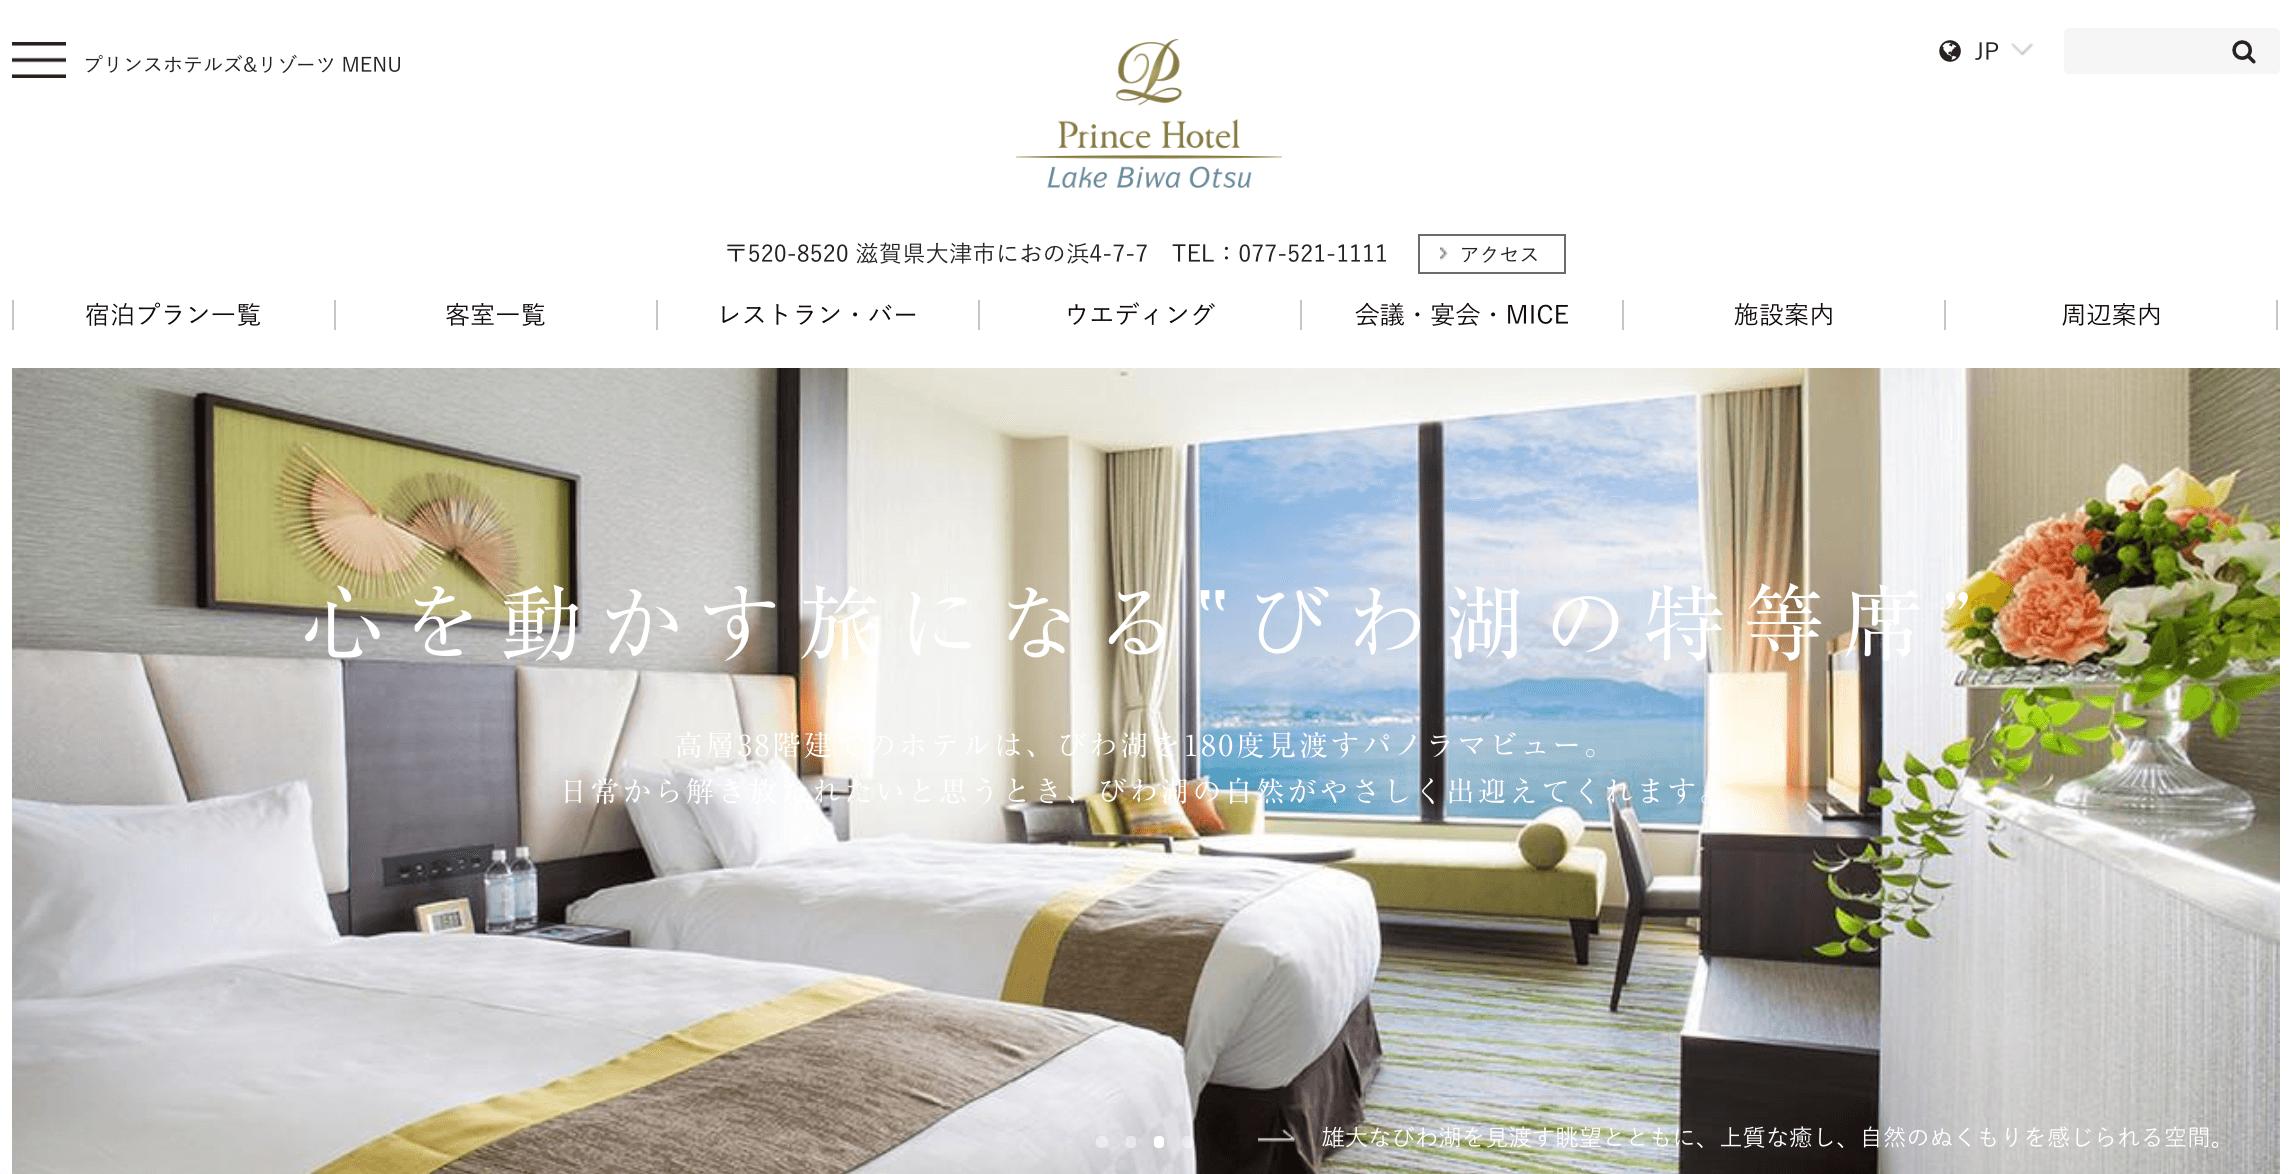 滋賀でパパ活におすすめなホテル「びわ湖大津プリンスホテル」